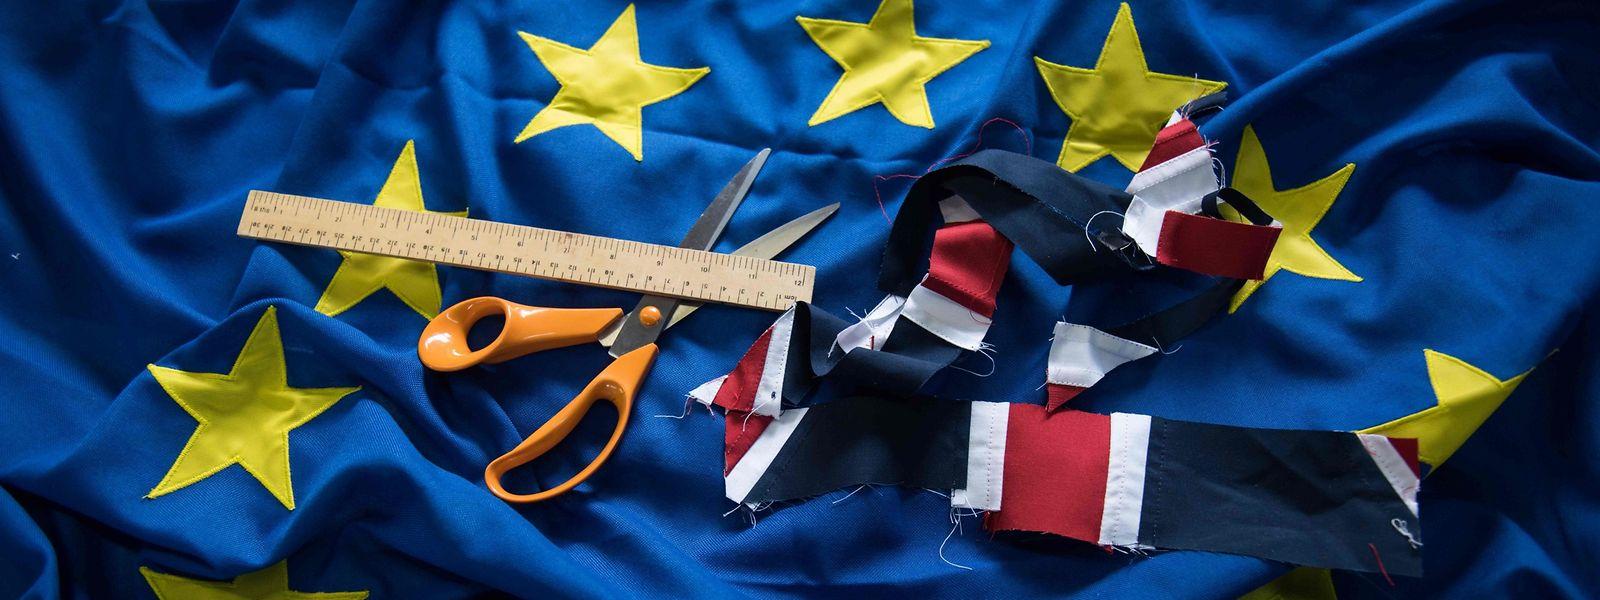 Nach dem Brexit hat die europäische Flagge einen Stern weniger, den von Großbritannien.